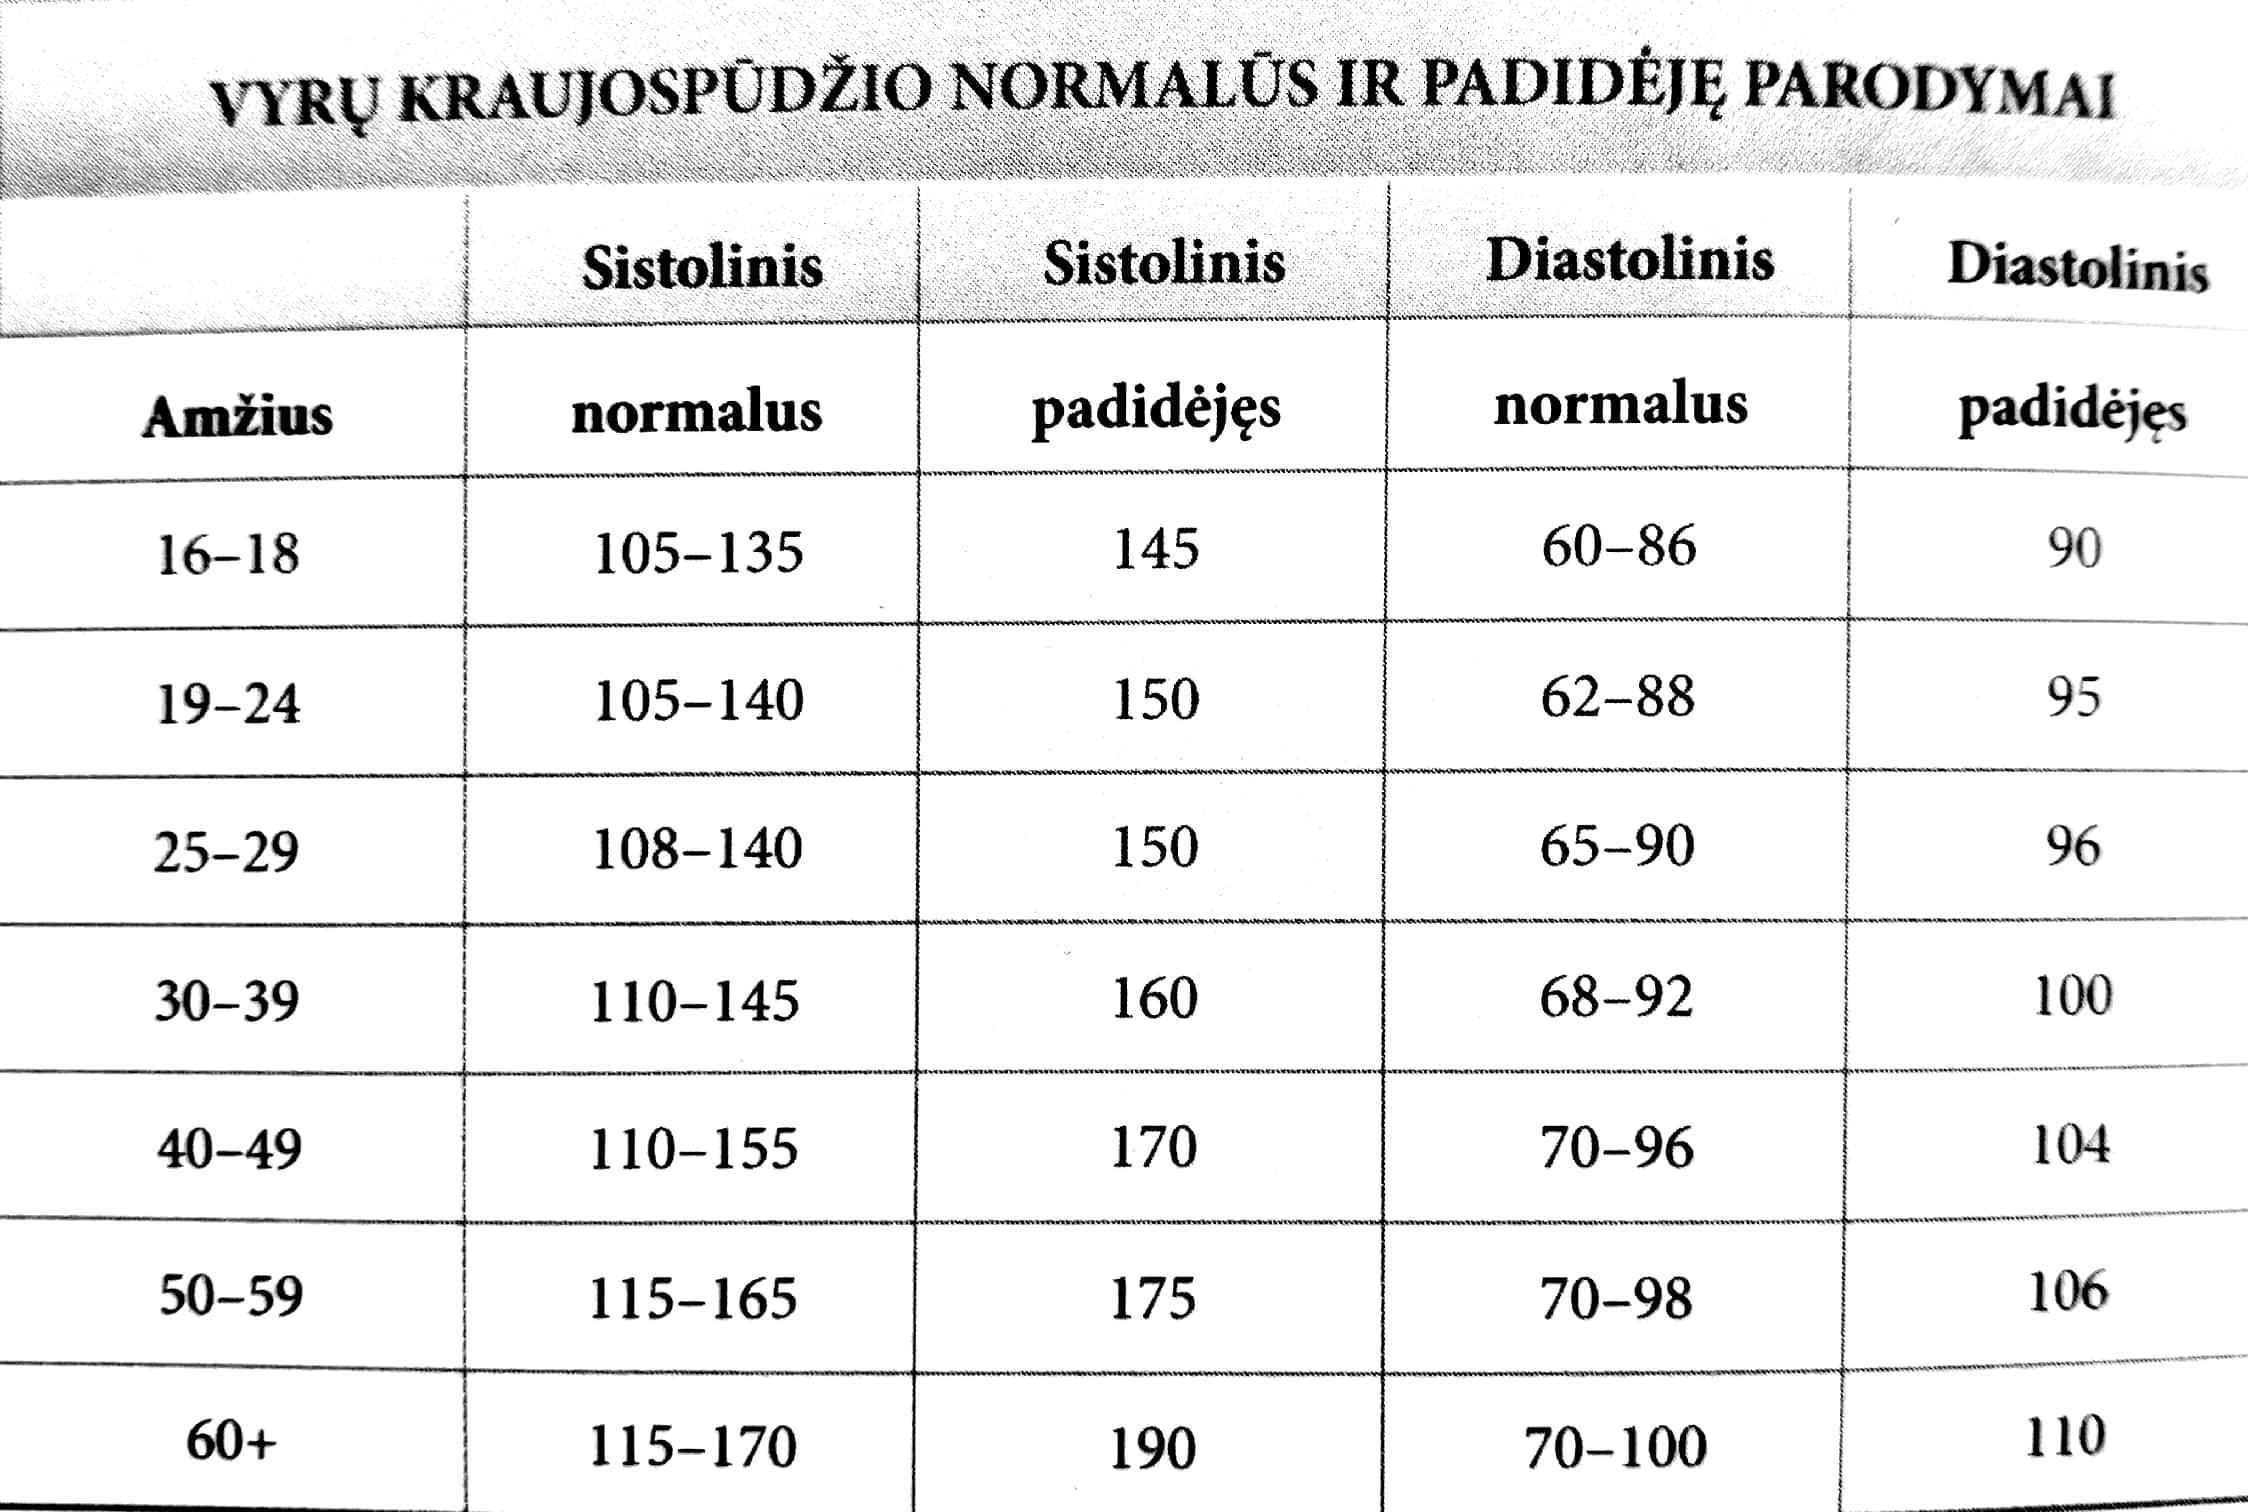 kiek žmonių miršta nuo hipertenzijos per metus